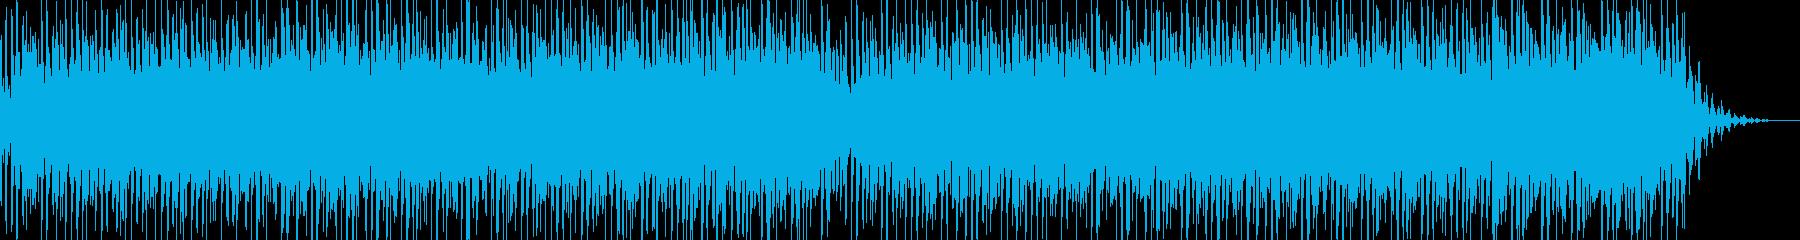 無限に広がる宇宙空間BGMの再生済みの波形